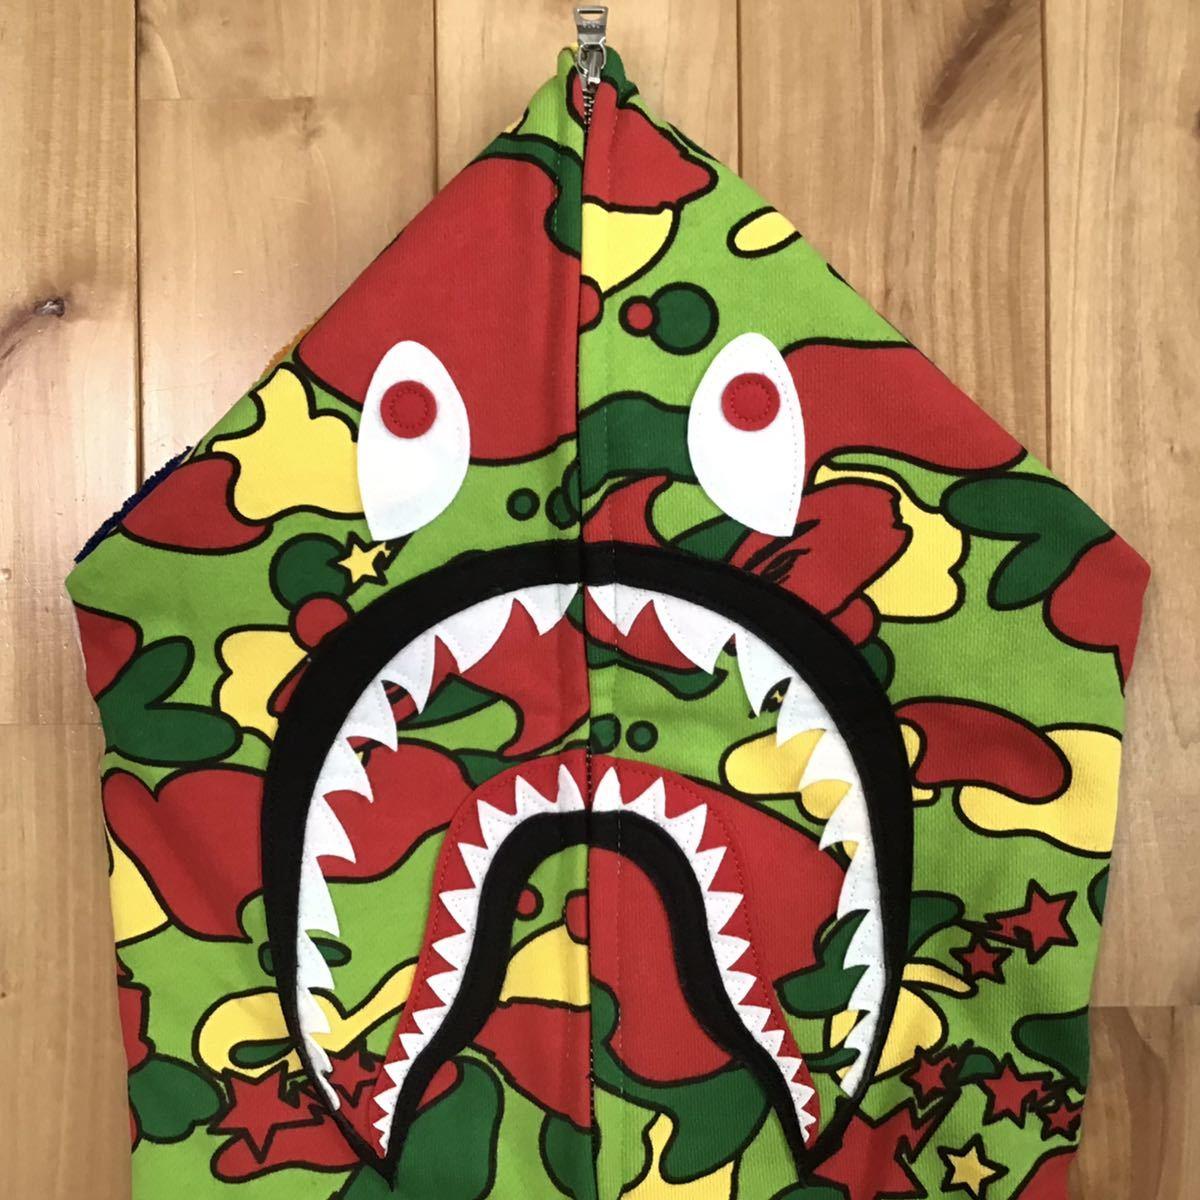 ★新品★ 2XL Psyche camo シャーク パーカー shark full zip hoodie a bathing ape bape エイプ ベイプ アベイシングエイプ sta camo XXL